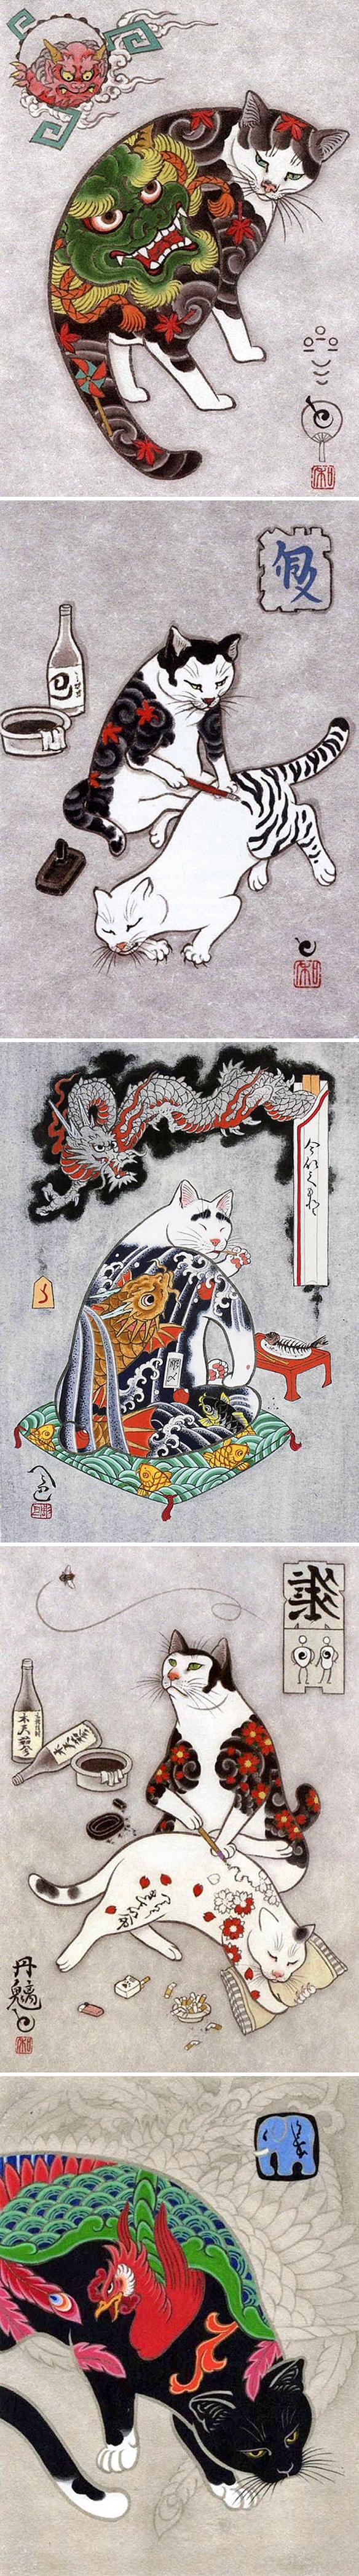 kazuakihoritomo